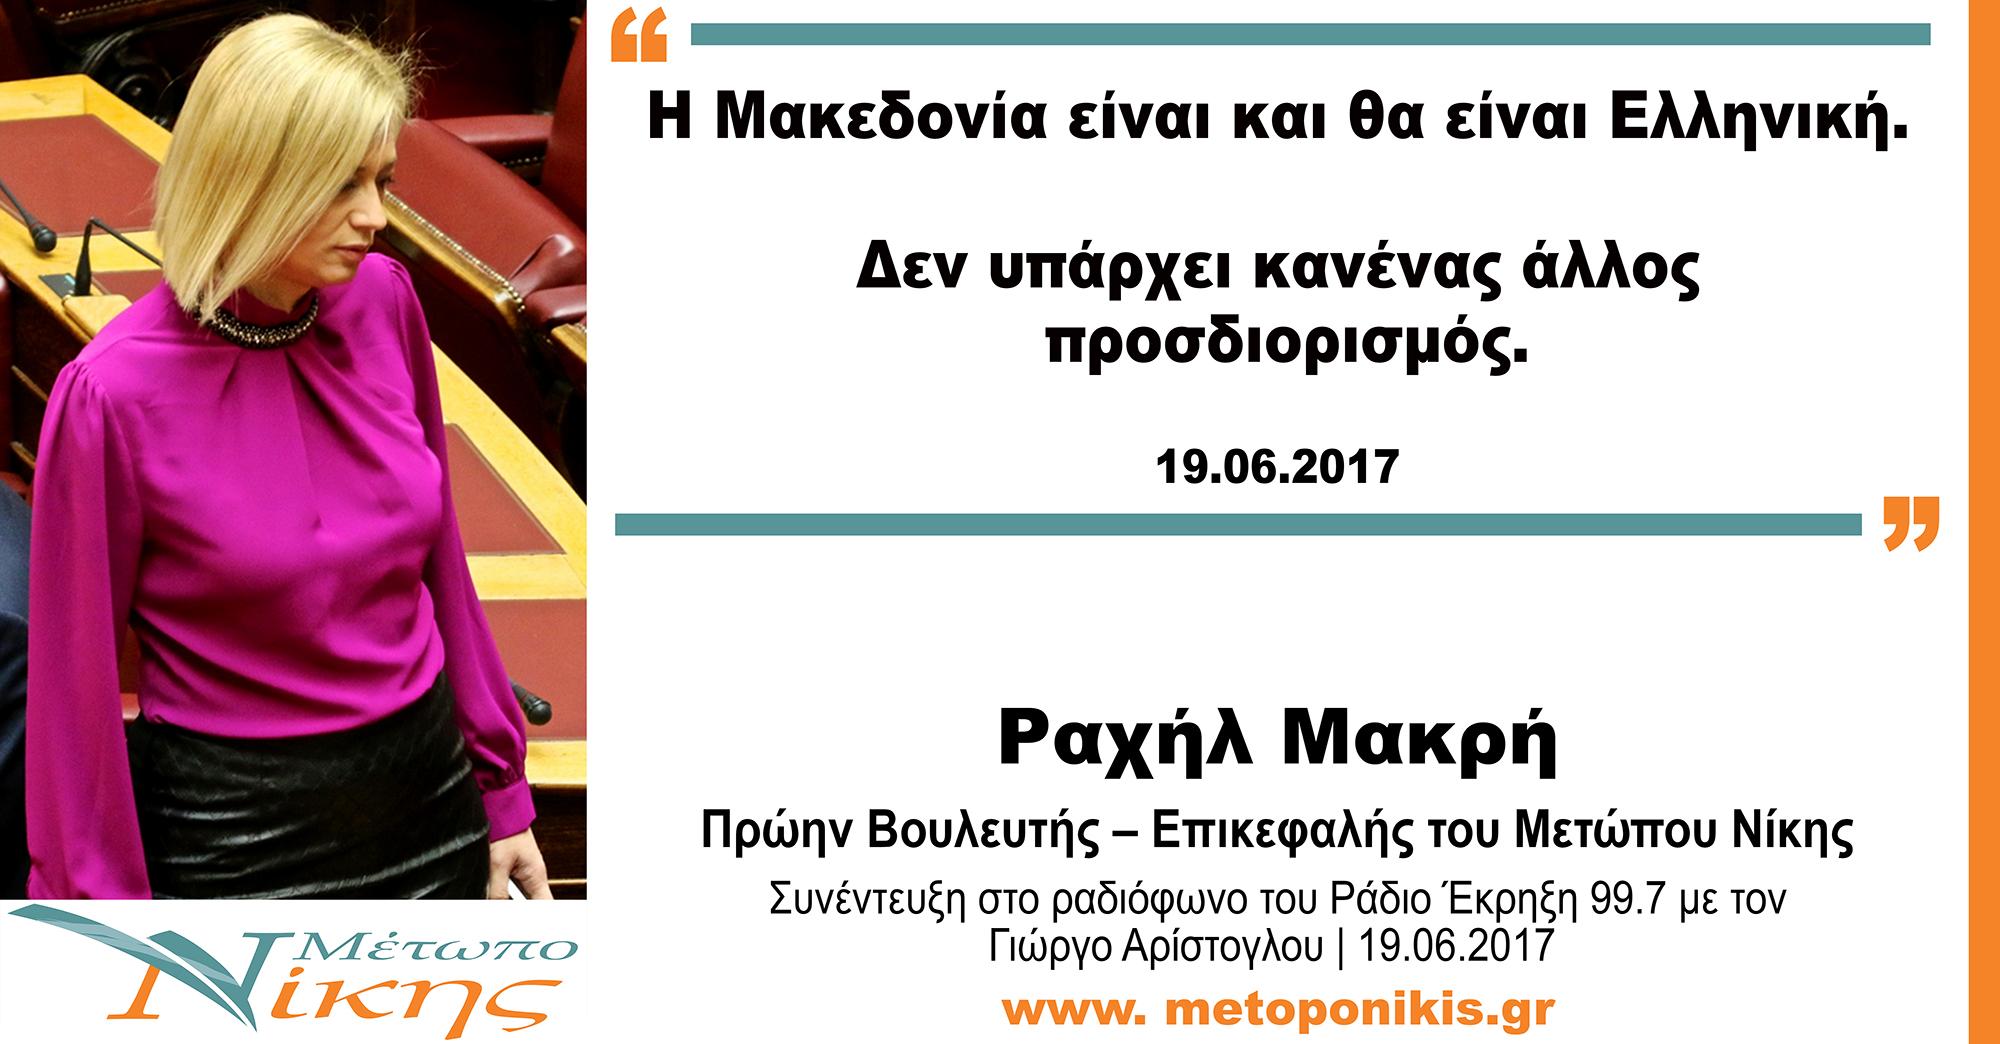 Ραχήλ Μακρή: «Η Μακεδονία είναι και θα είναι Ελληνική. Δεν υπάρχει άλλος προσδιορισμός» | 19.06.2017